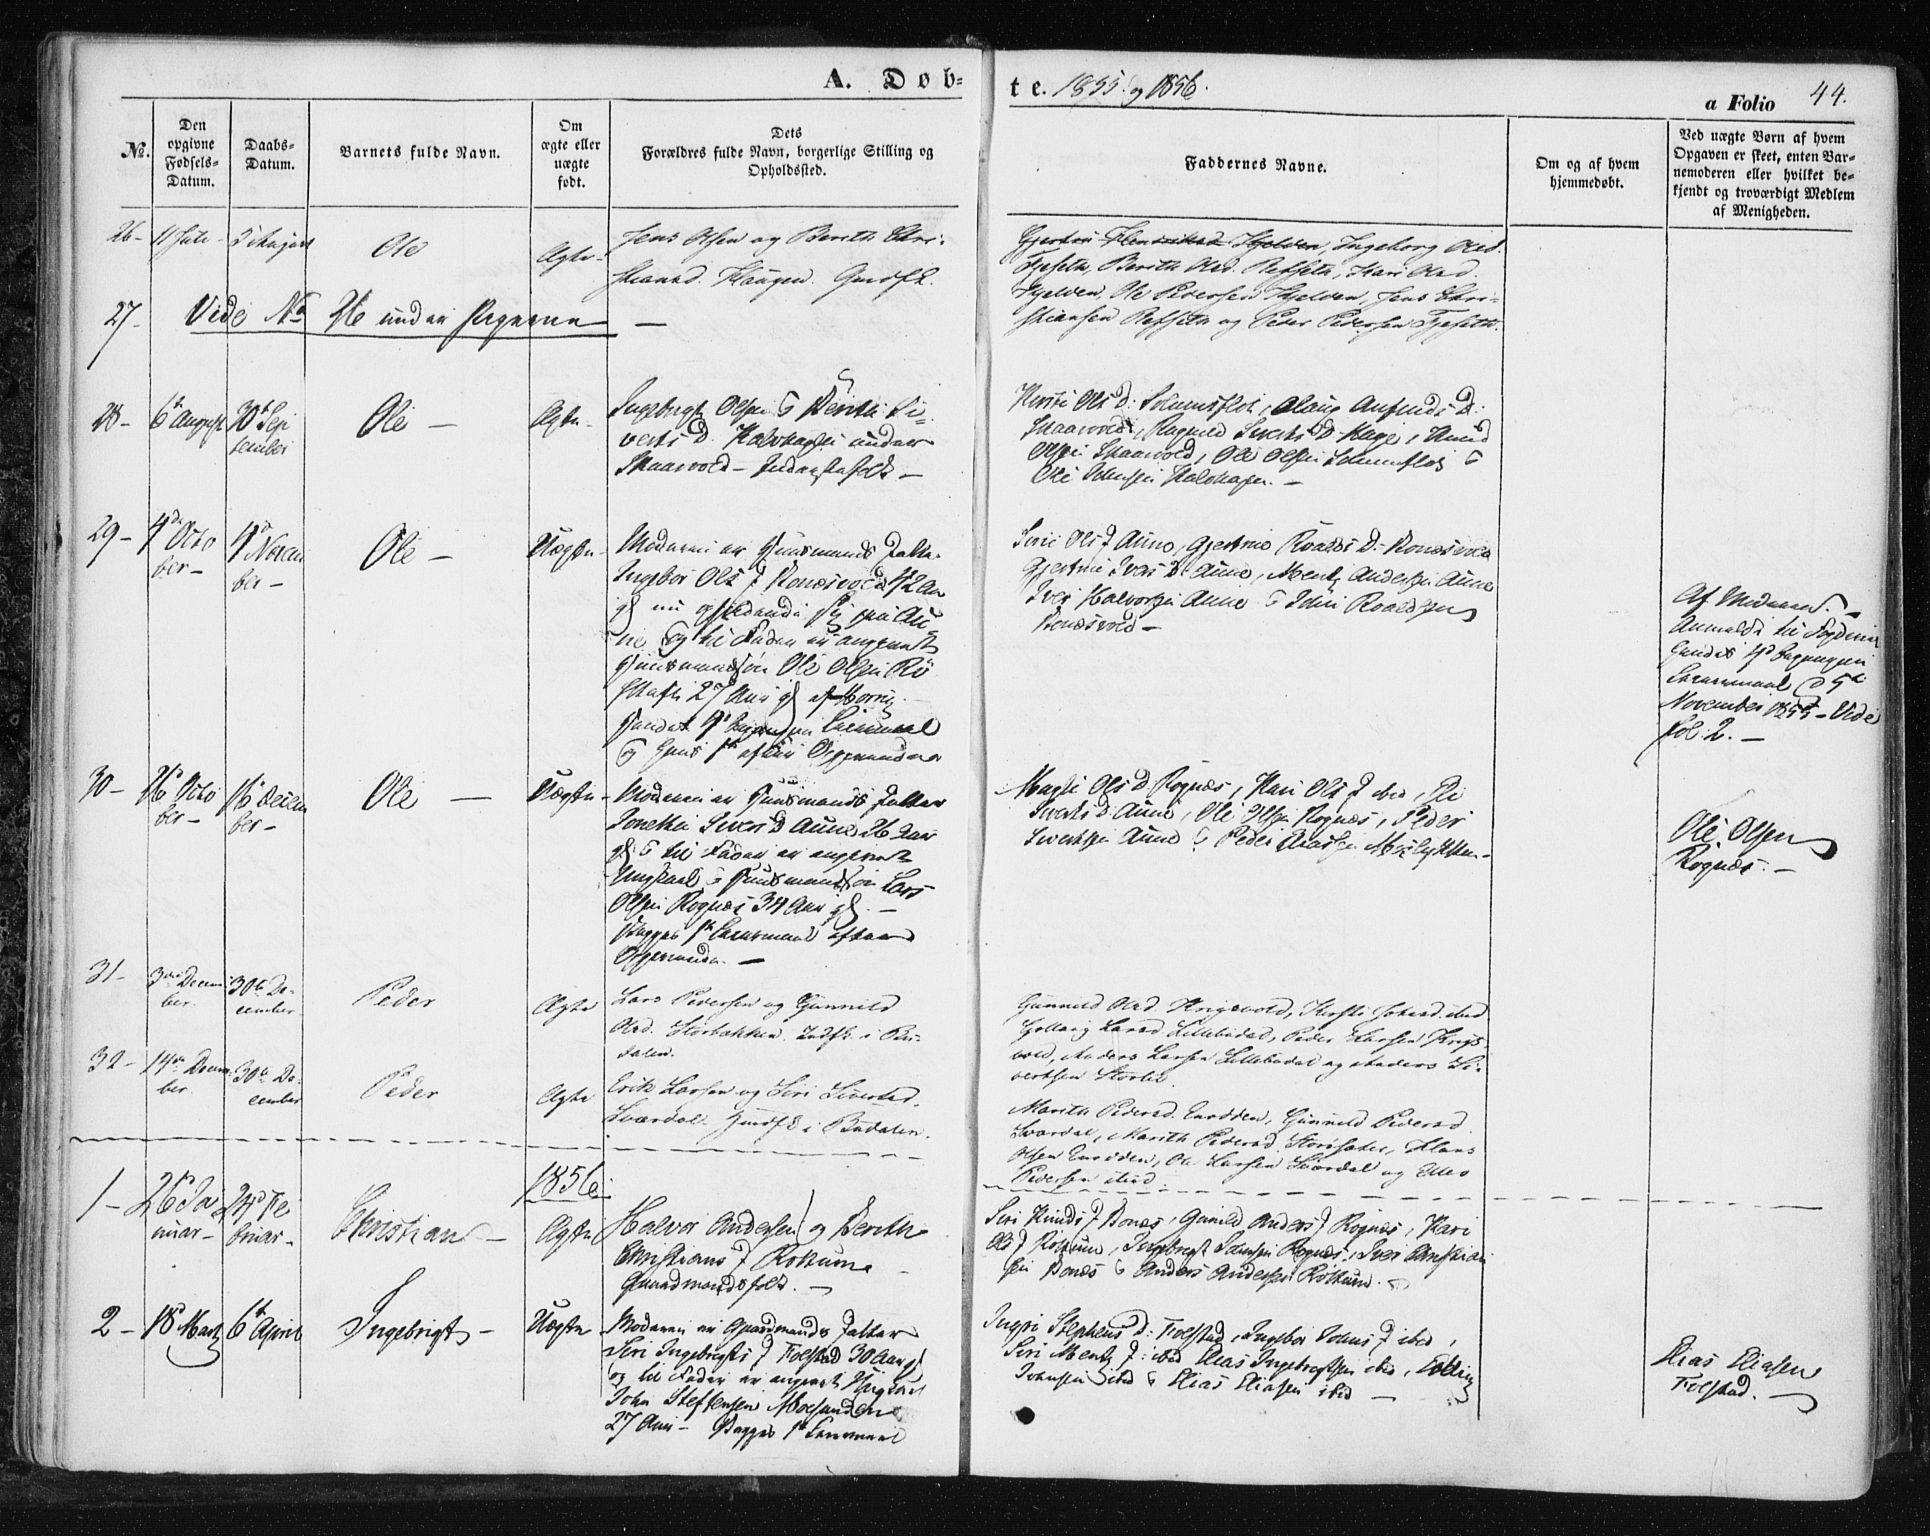 SAT, Ministerialprotokoller, klokkerbøker og fødselsregistre - Sør-Trøndelag, 687/L1000: Ministerialbok nr. 687A06, 1848-1869, s. 44